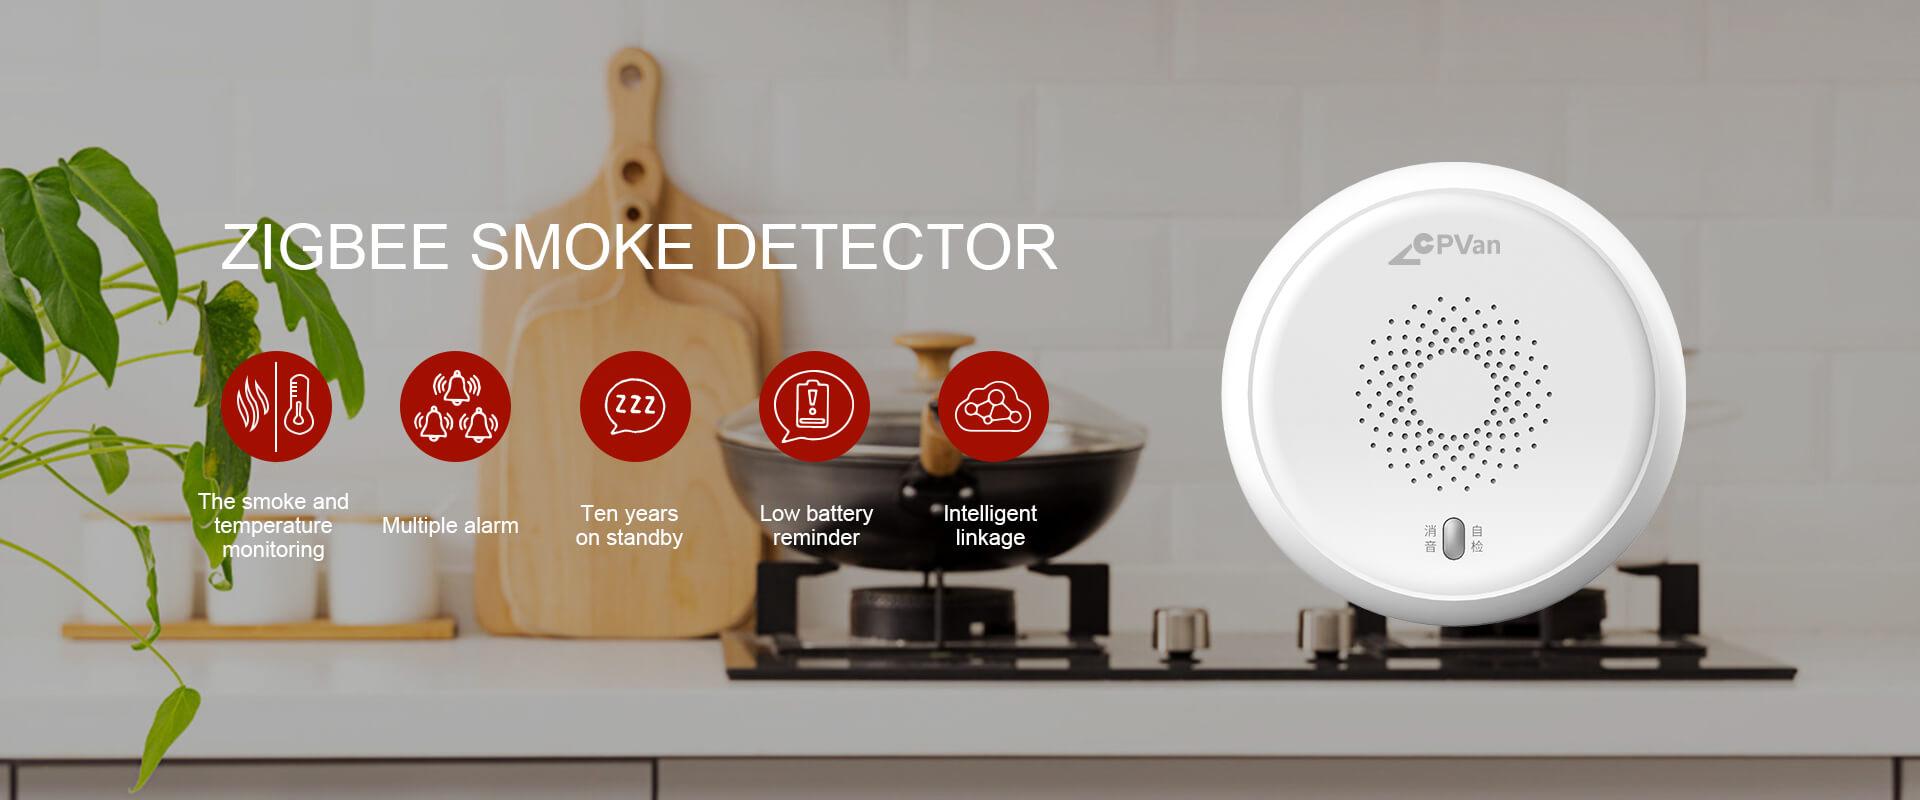 Zigbee Smoke Detector